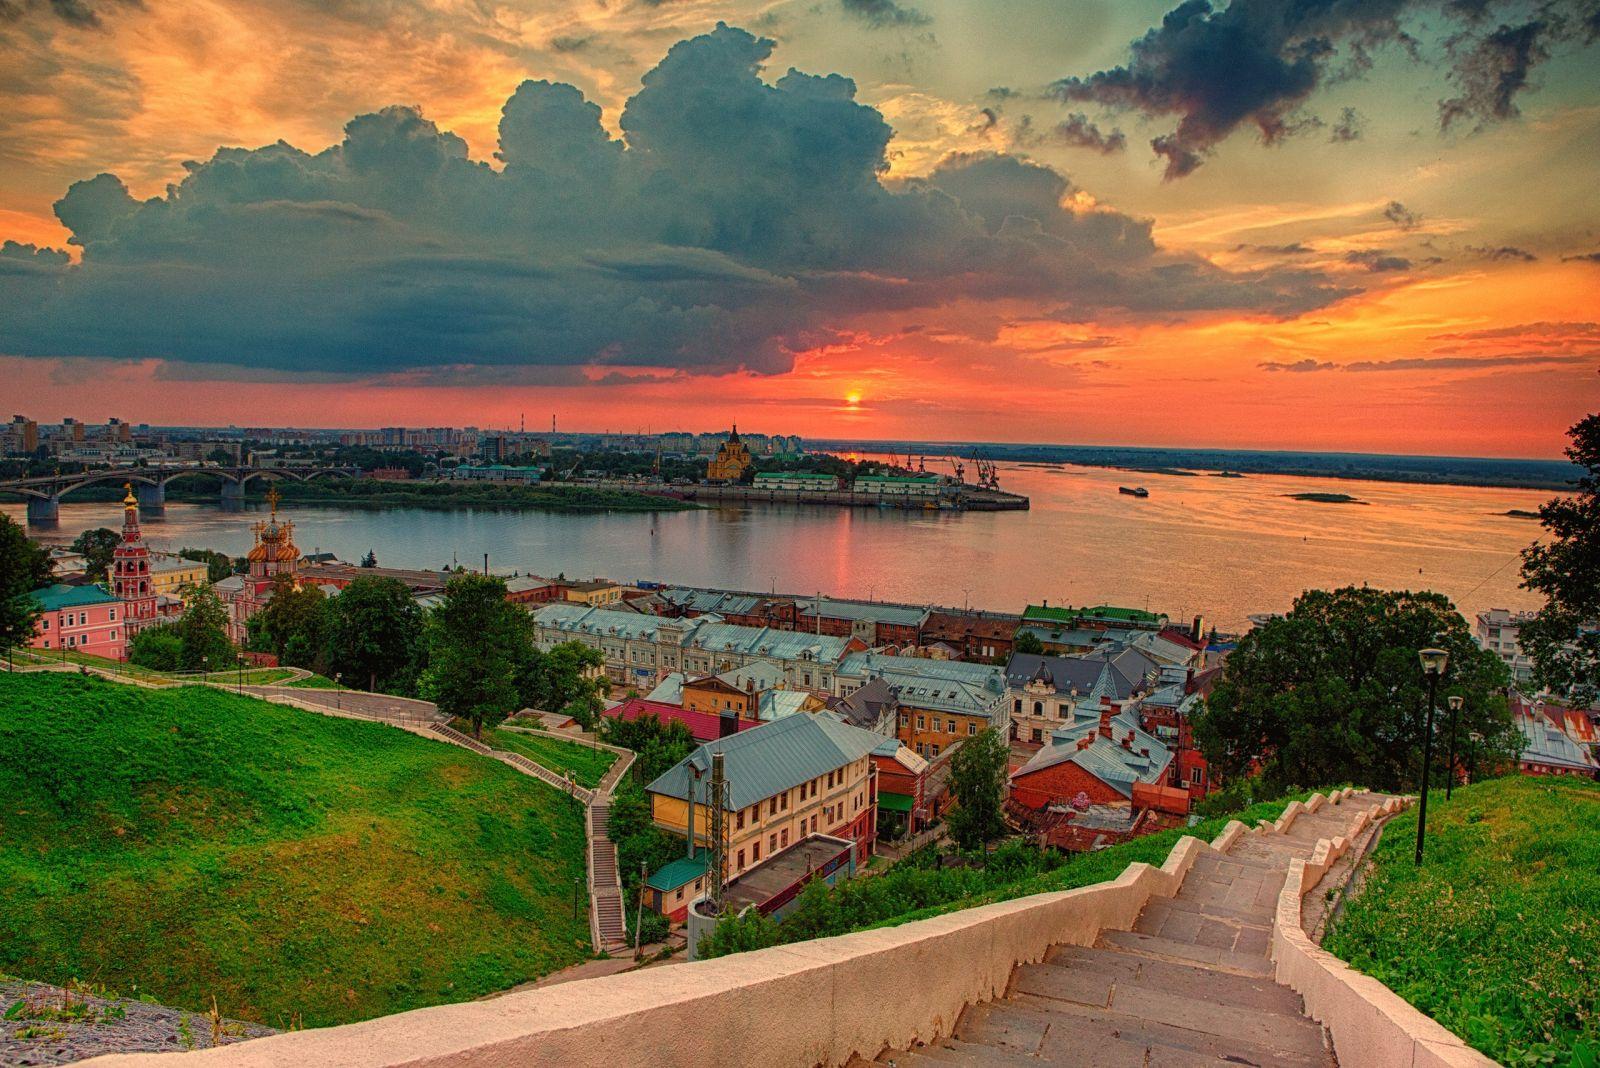 Настоящее и прошлое в Нижнем Новгороде